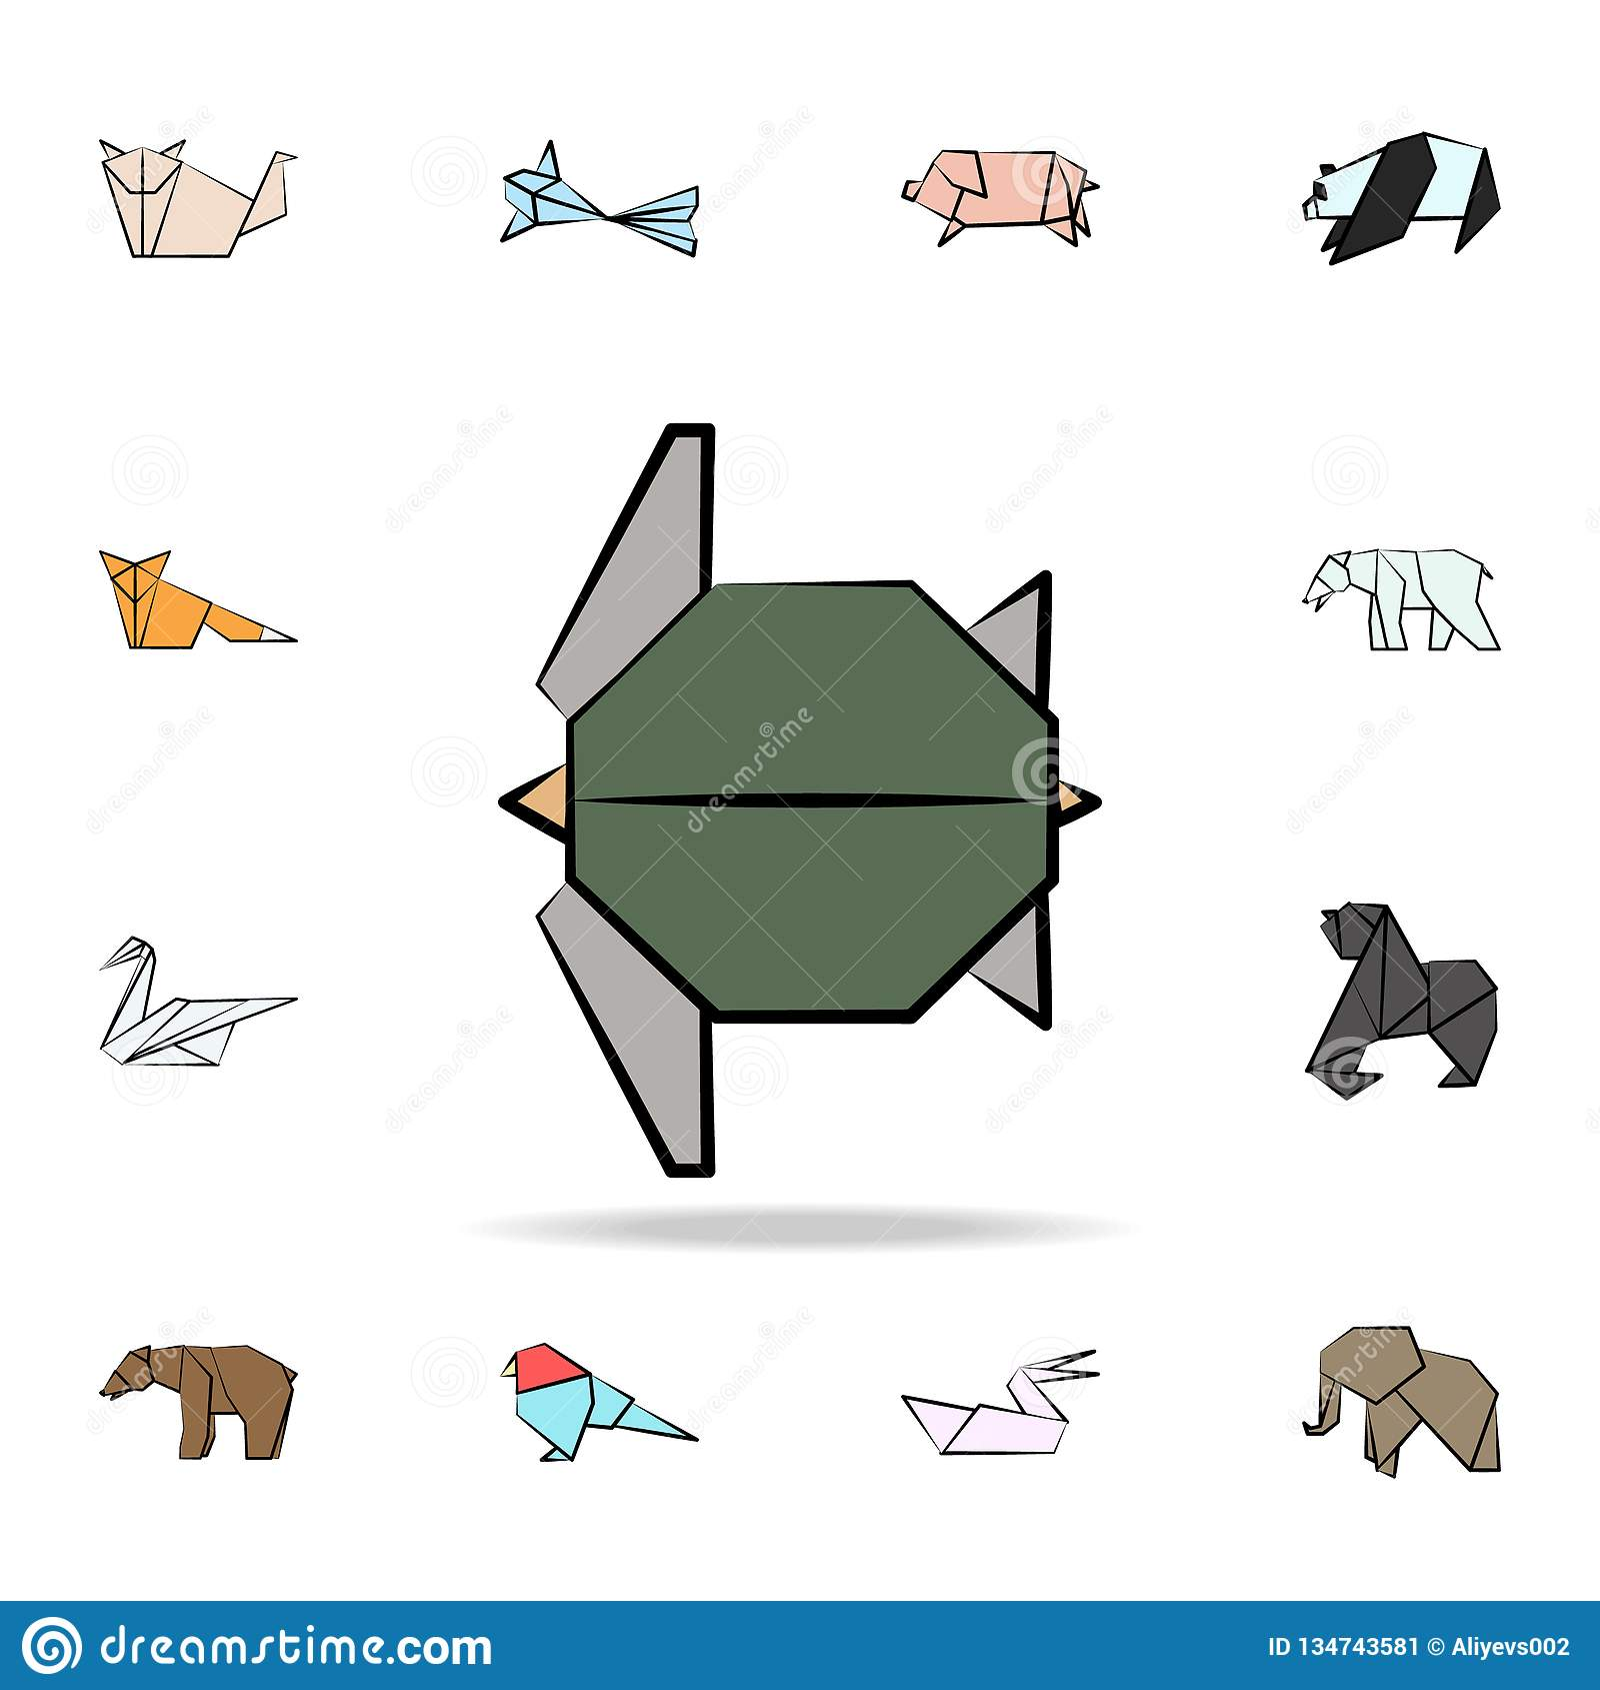 χρωματισμένο χελώνα εικονίδιο origami Λεπτομερές σύνολο ζωικών διαθέσιμων συρμένων εικονιδίων ύφους origami Γραφικό σχέδιο ασφαλί